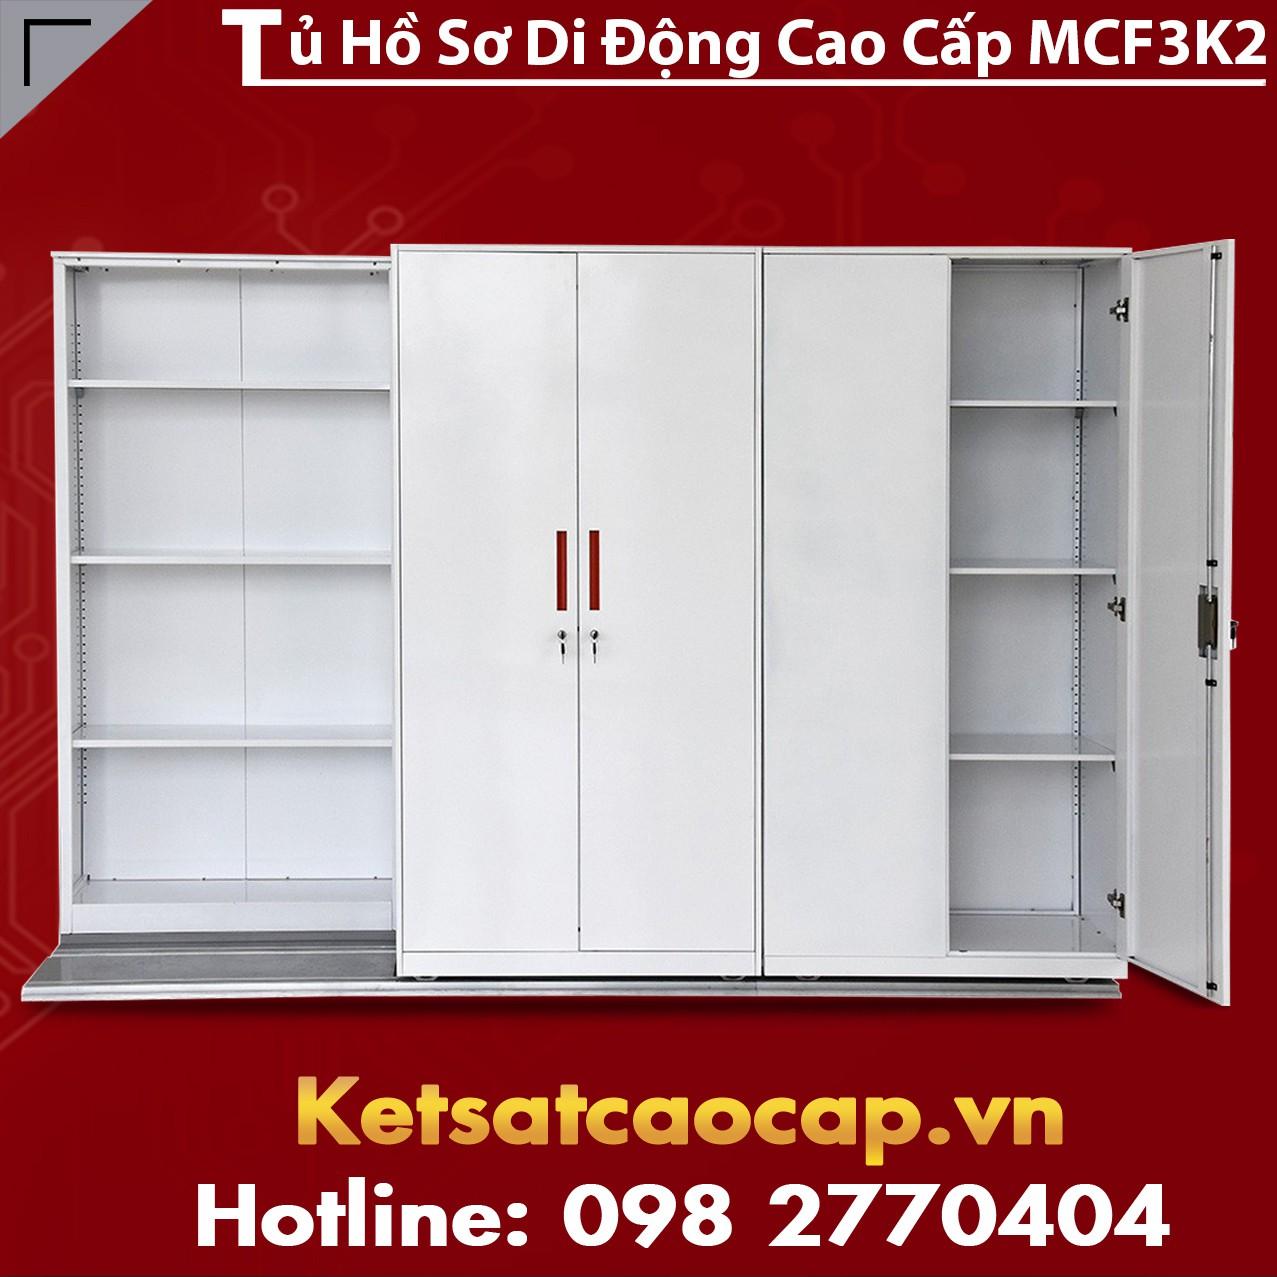 Tủ Hồ Sơ Di Động MCF3K2